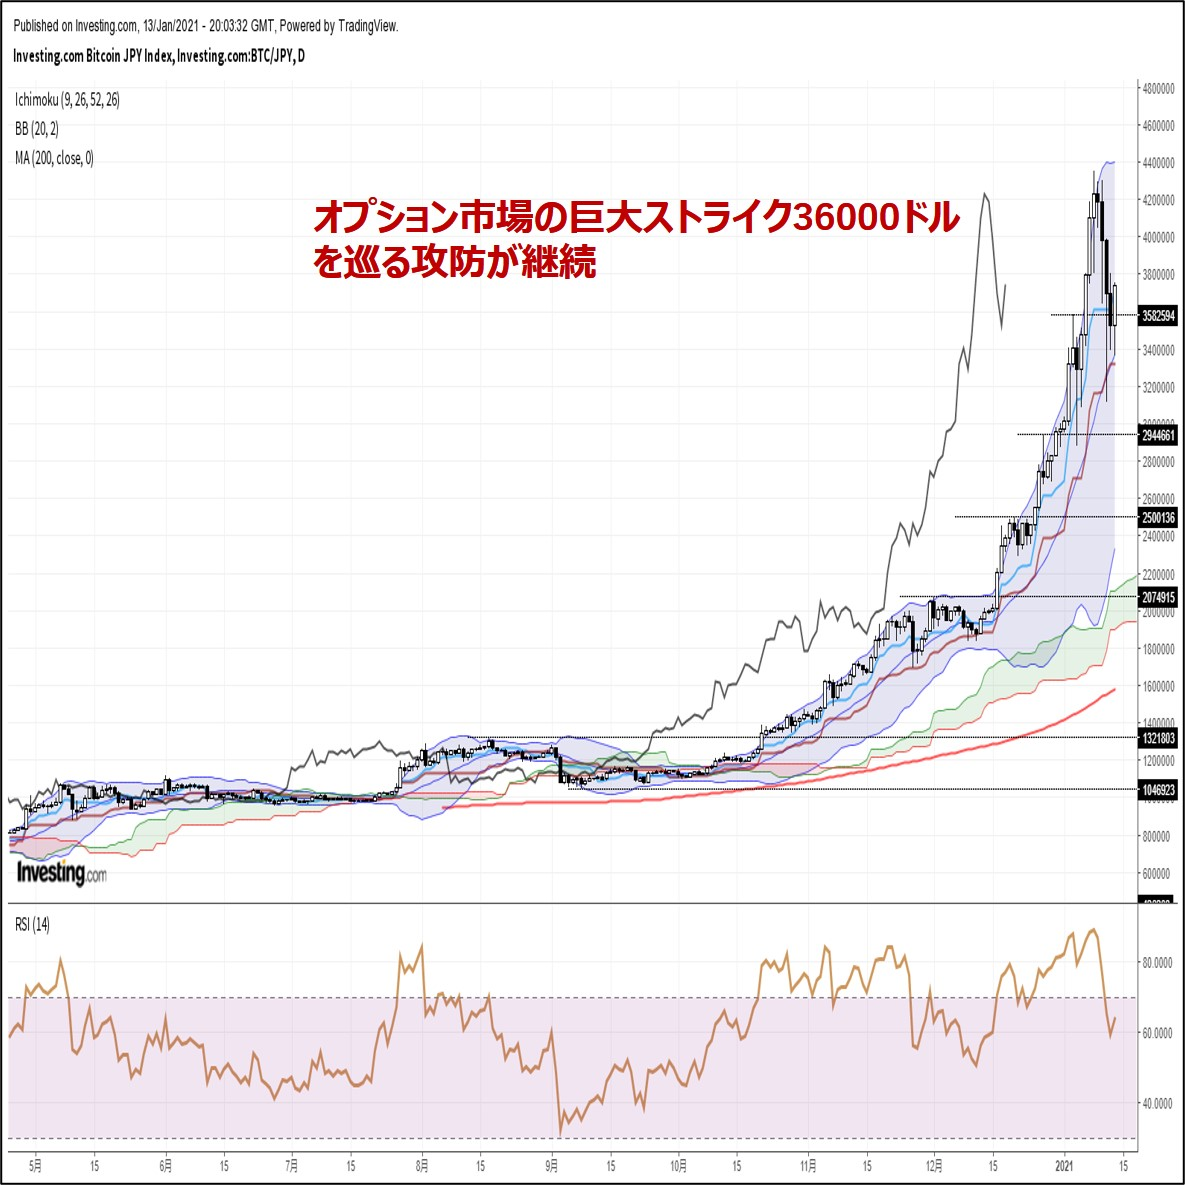 ビットコイン円、オプション市場の巨大ストライク36000ドルを巡る攻防が継続